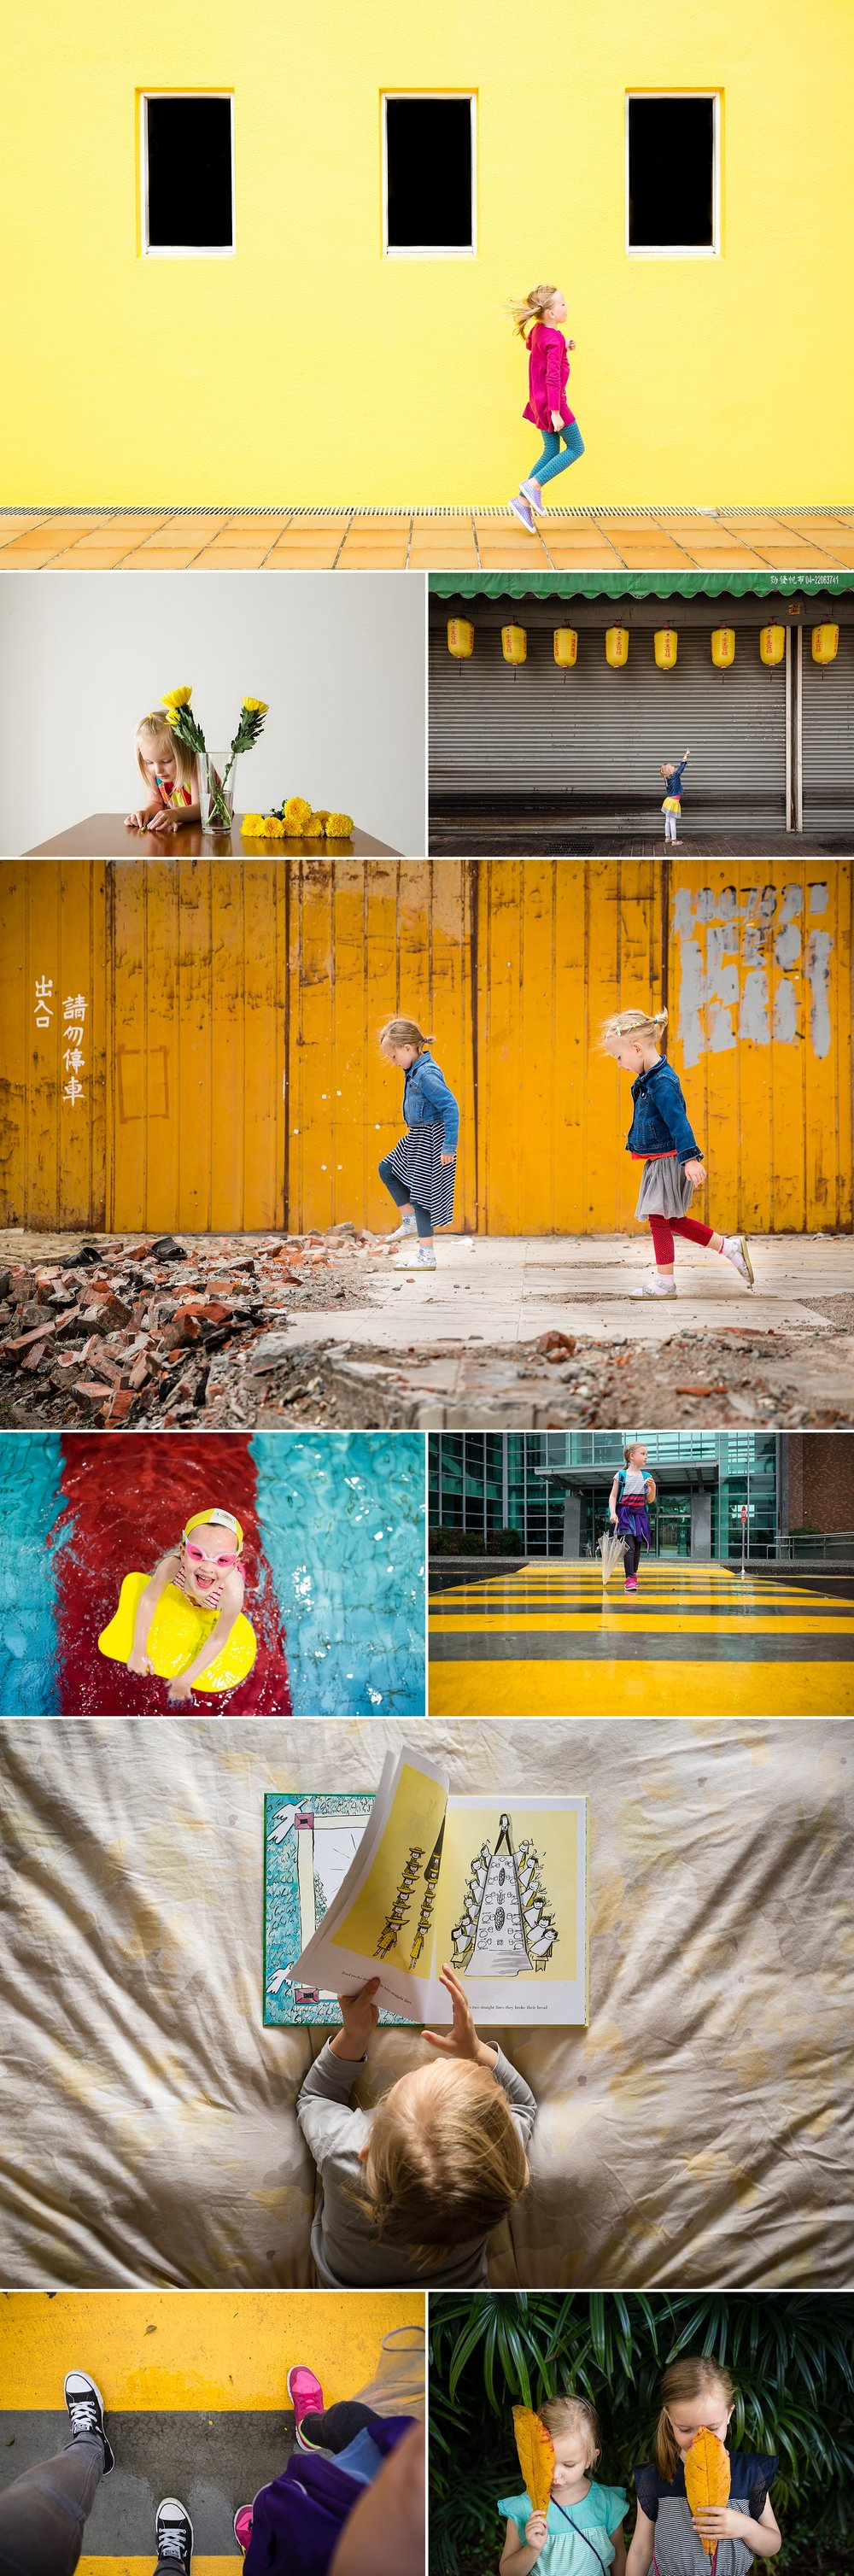 Rebecca_Hunnicutt_Farren_Color_Project_Yellow_Collage_2017_0001